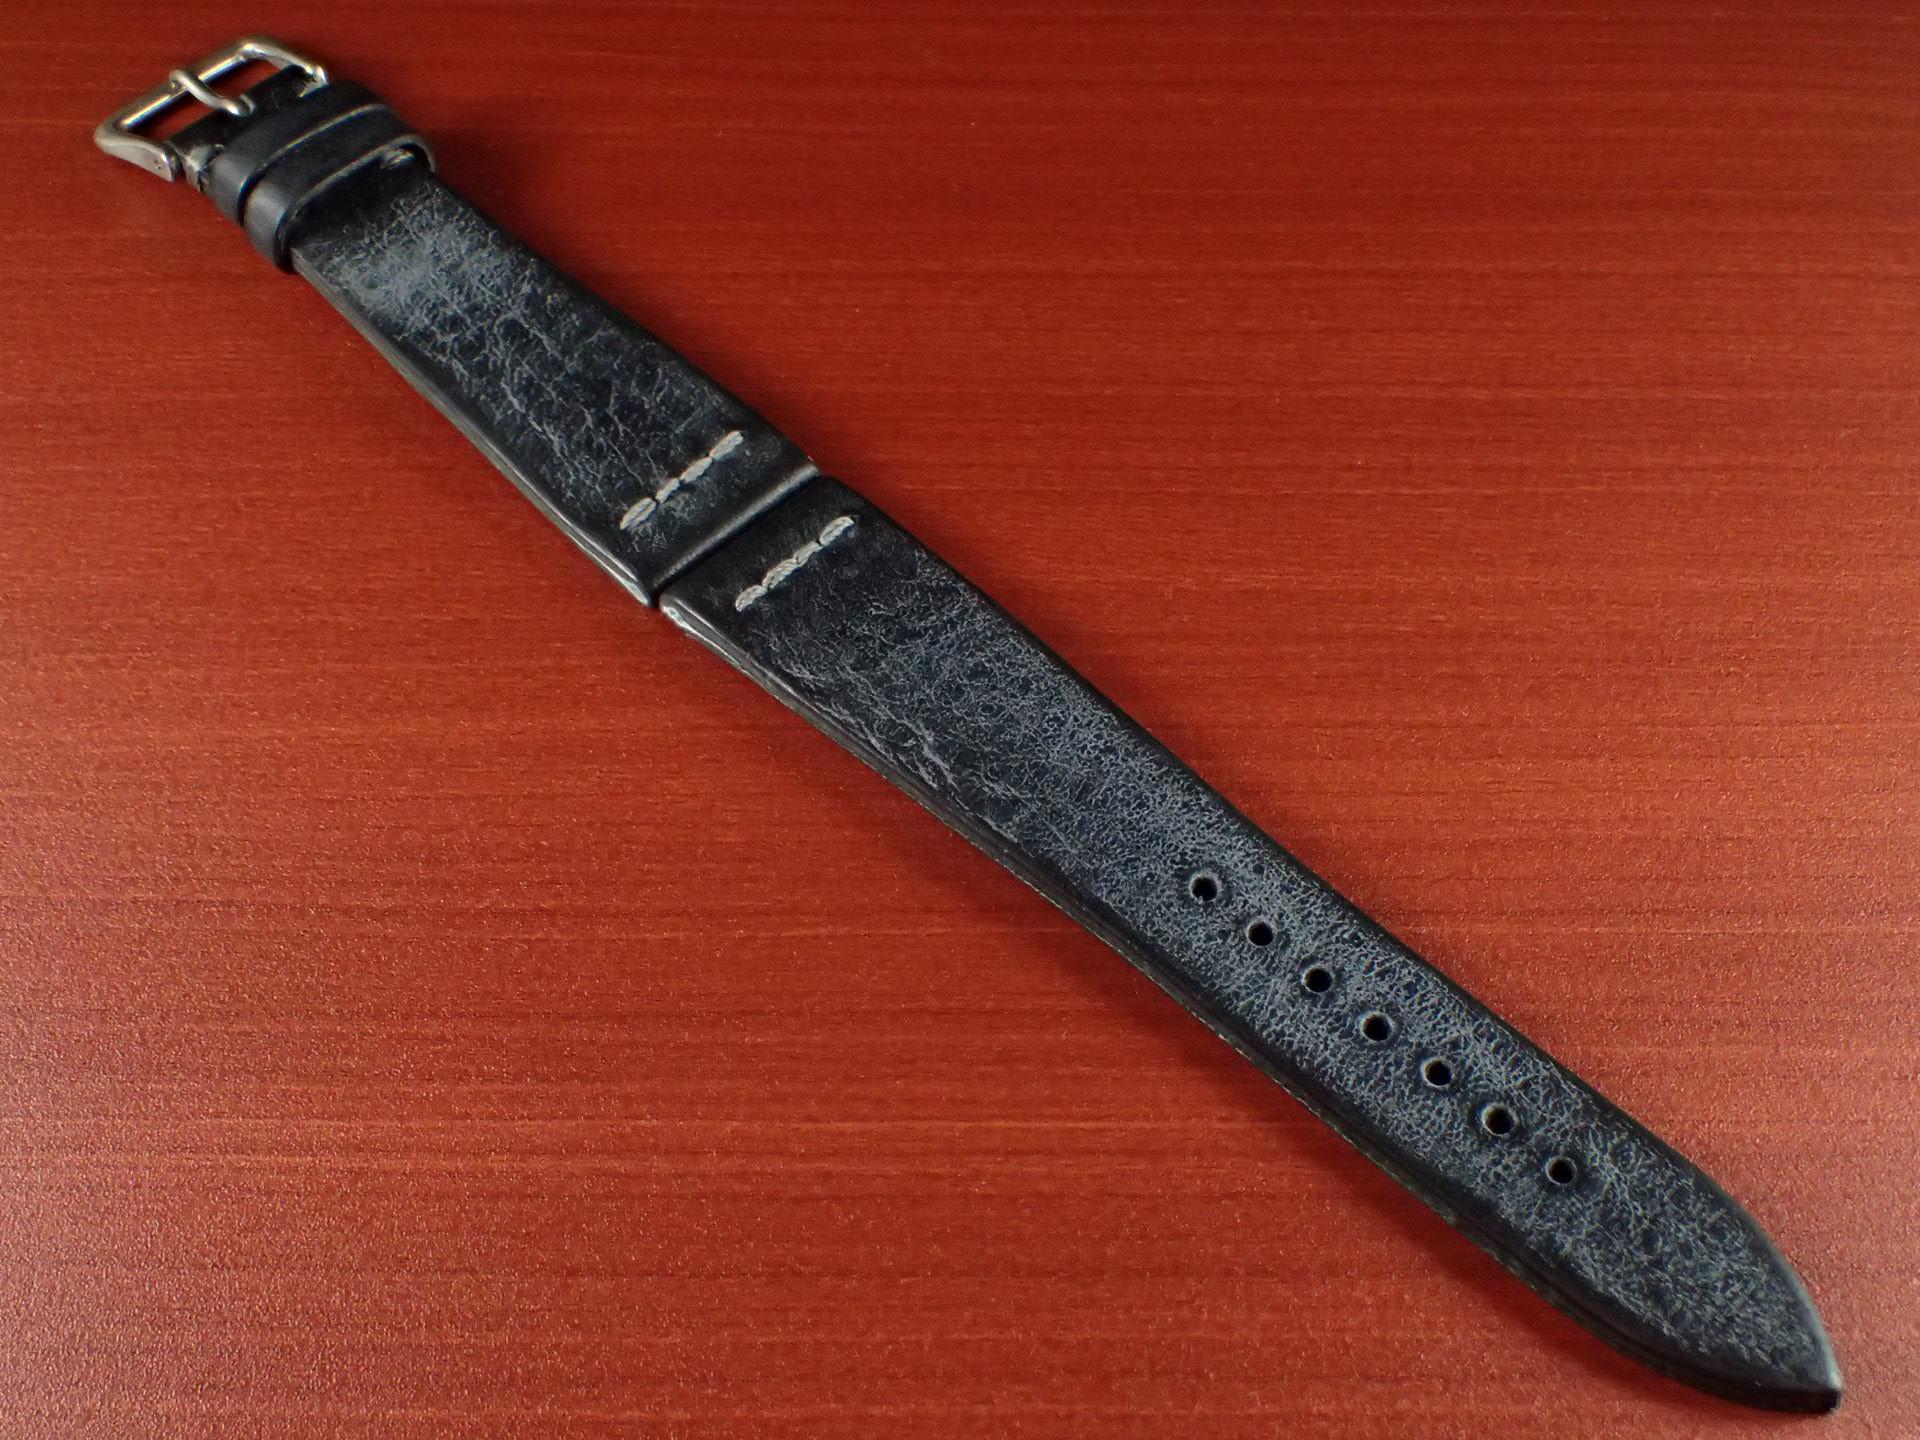 ブライドルレザーベルト ラ・ペルラ・アッズーラ アラスカ 一文字ステッチ ブラック 18、20mmのメイン写真